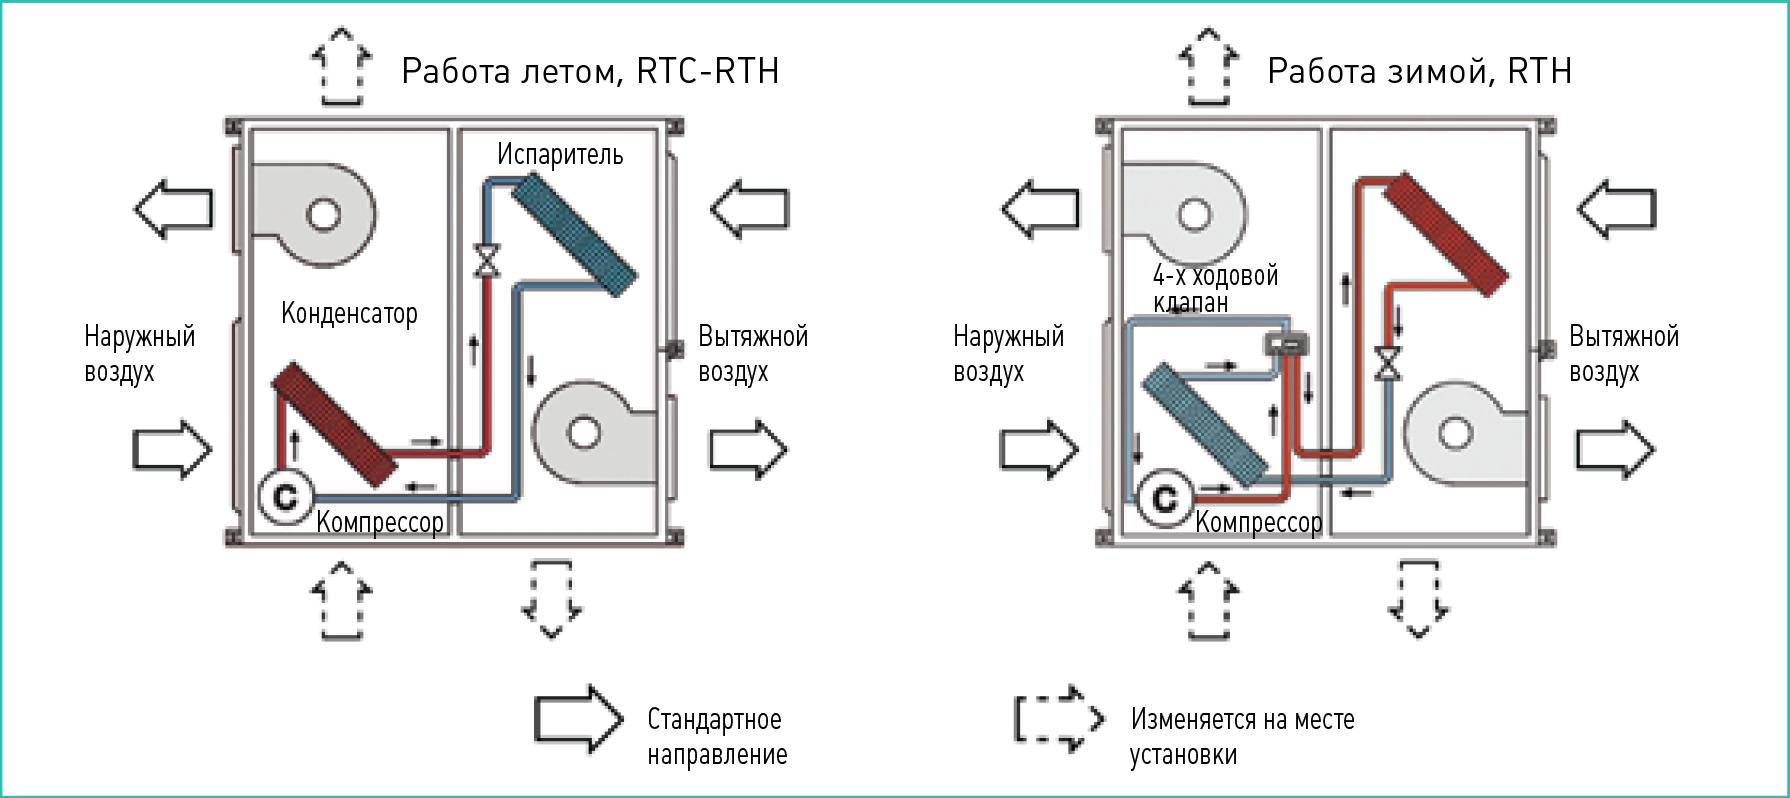 p100-schema